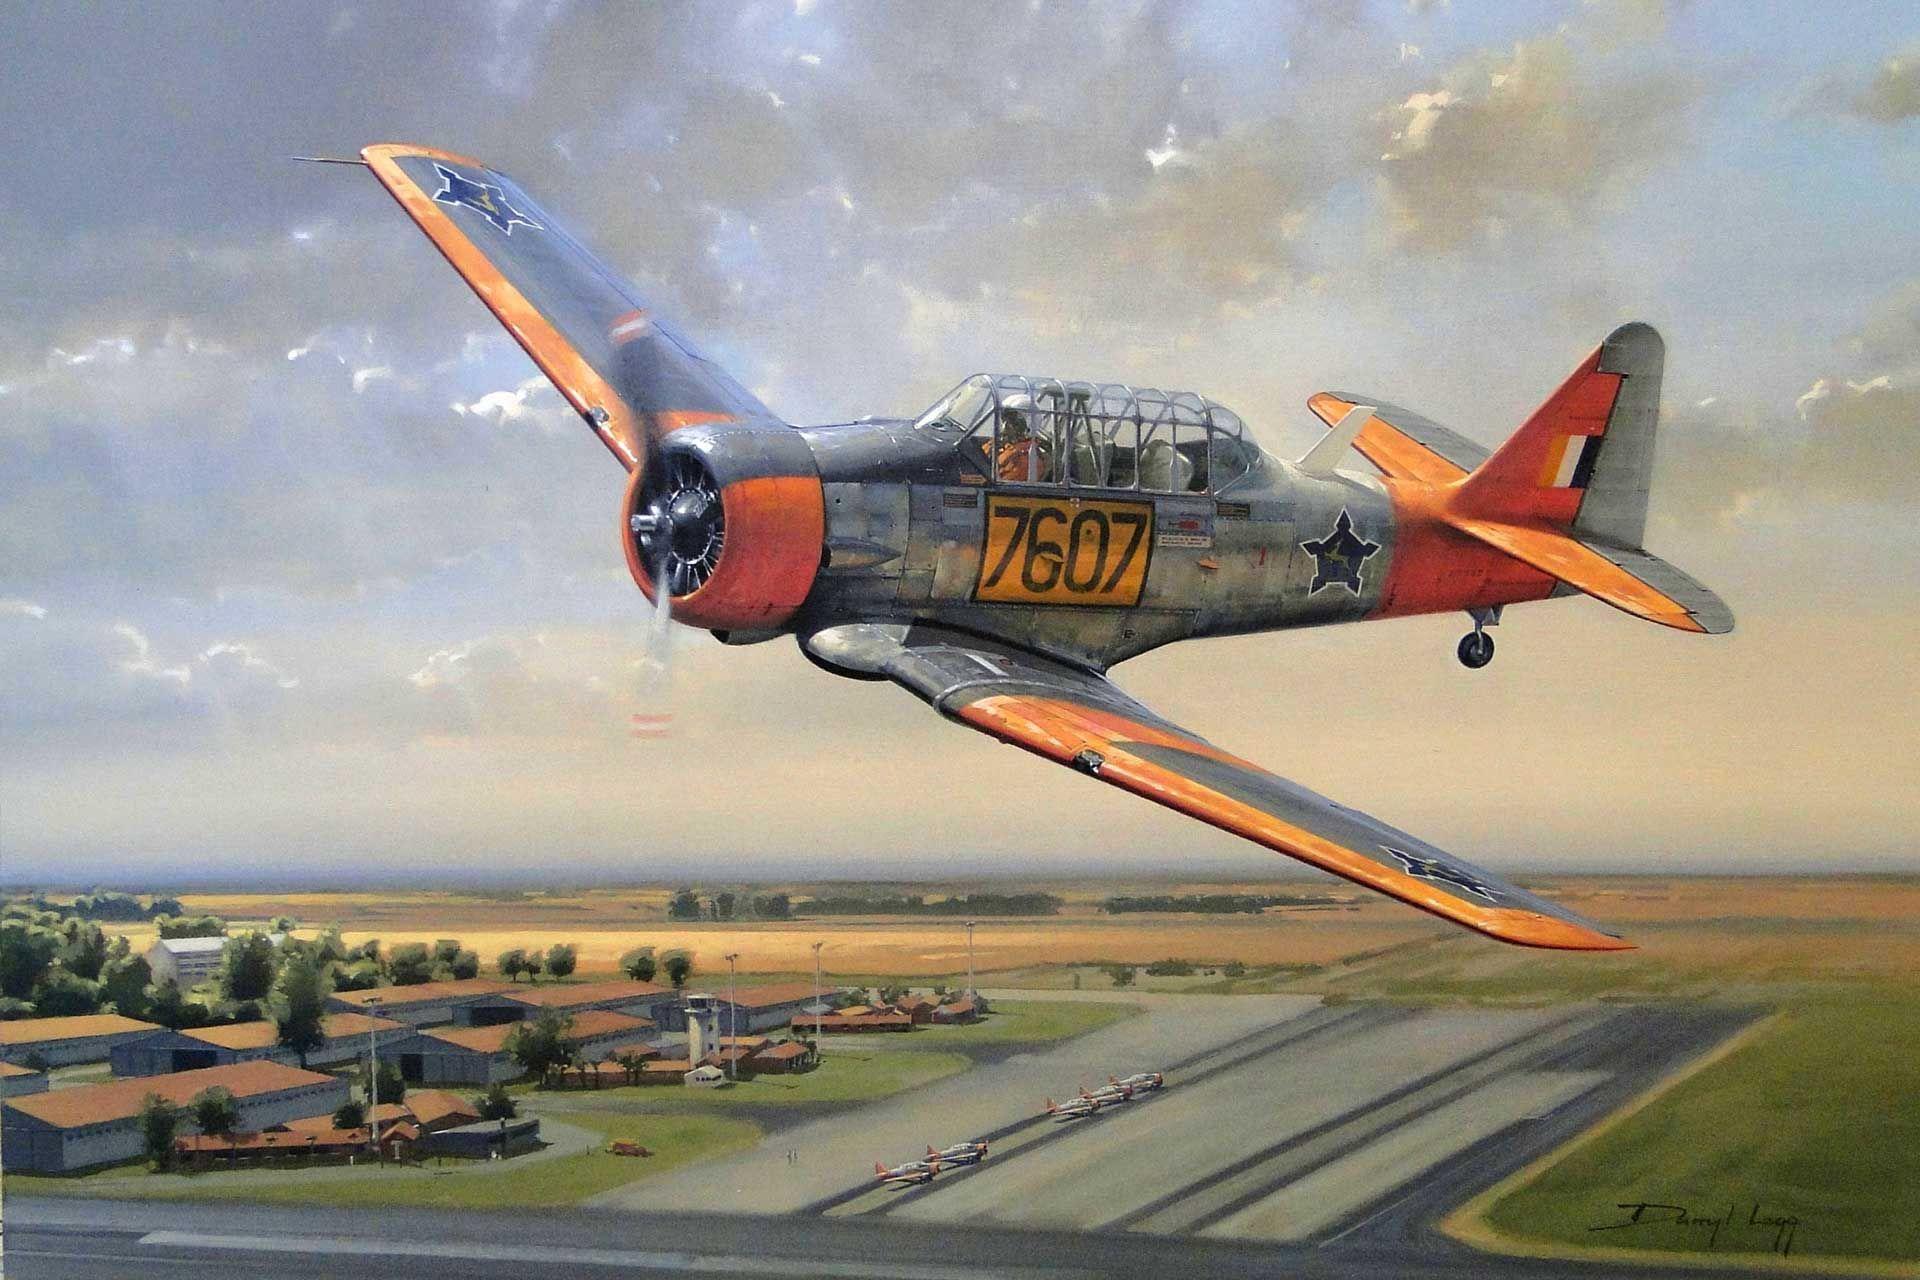 North American Harvard A flying legend - SAAF Harvard 7607 flies low ...